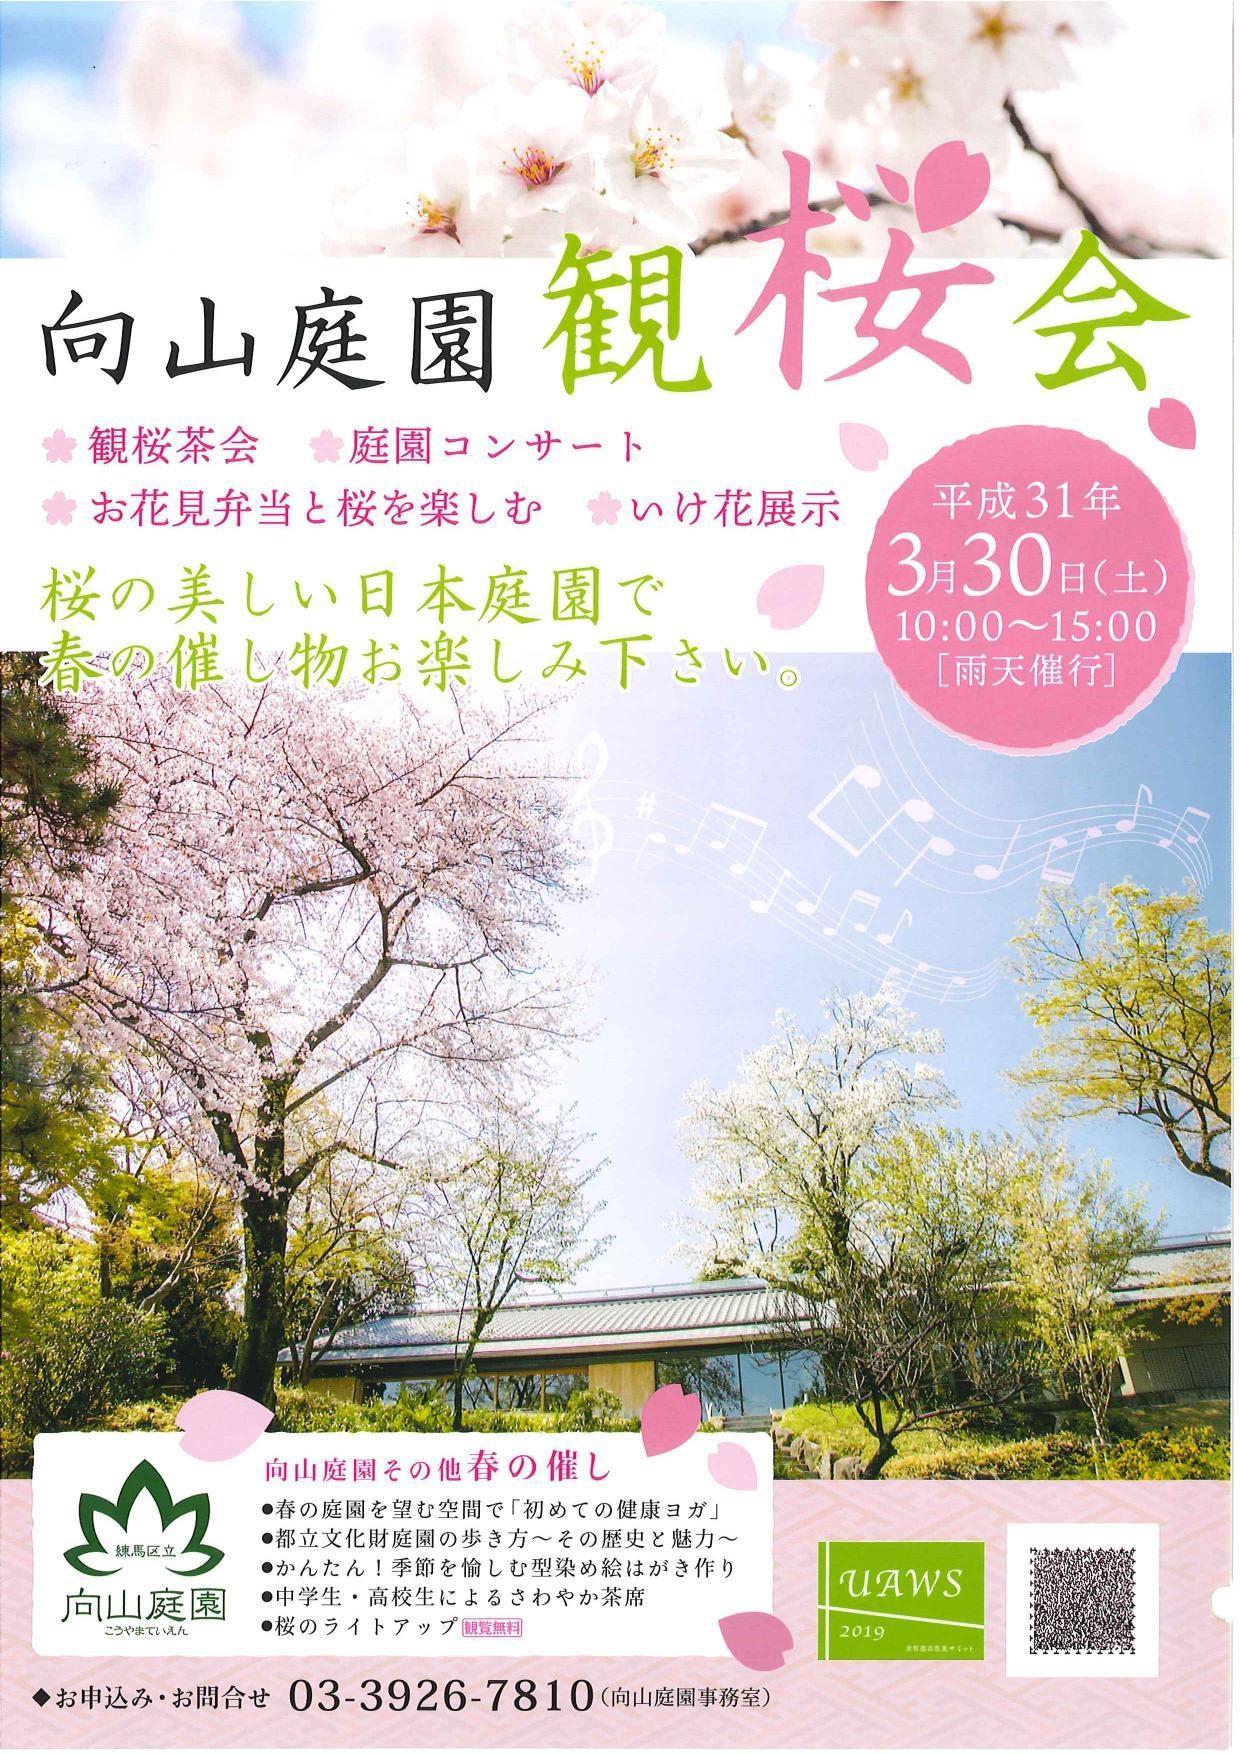 무카이야마 정원 벚꽃놀이회